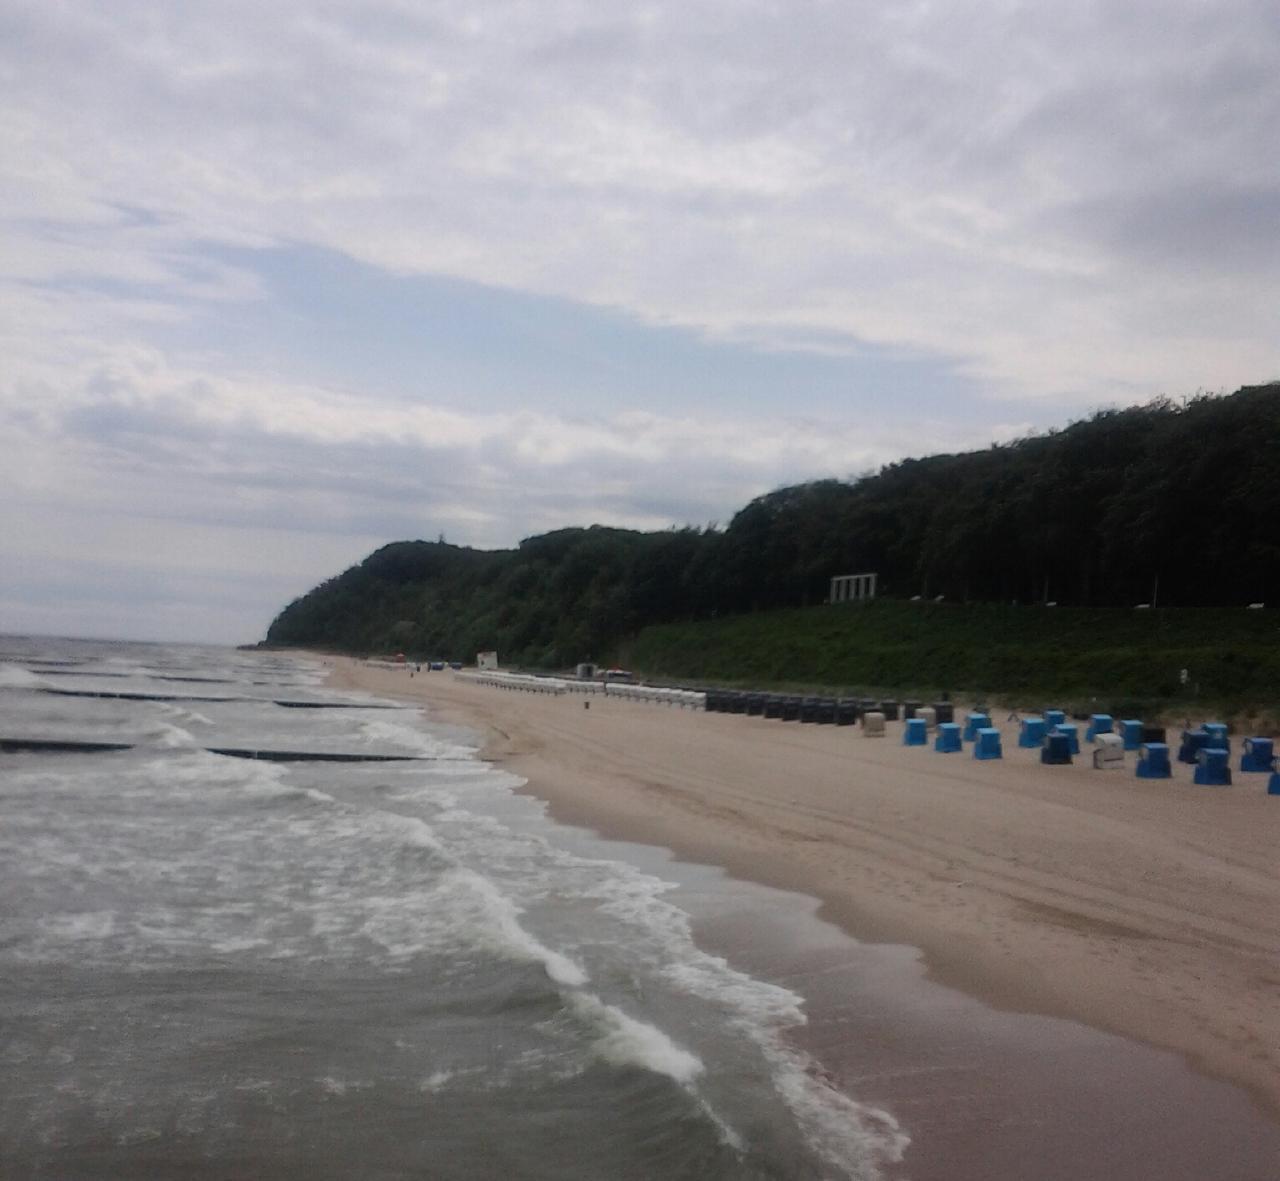 Ferienwohnung Black Pearl *** nur 400m zum Ostseesandstrand*** (381382), Koserow, Usedom, Mecklenburg-Vorpommern, Deutschland, Bild 19